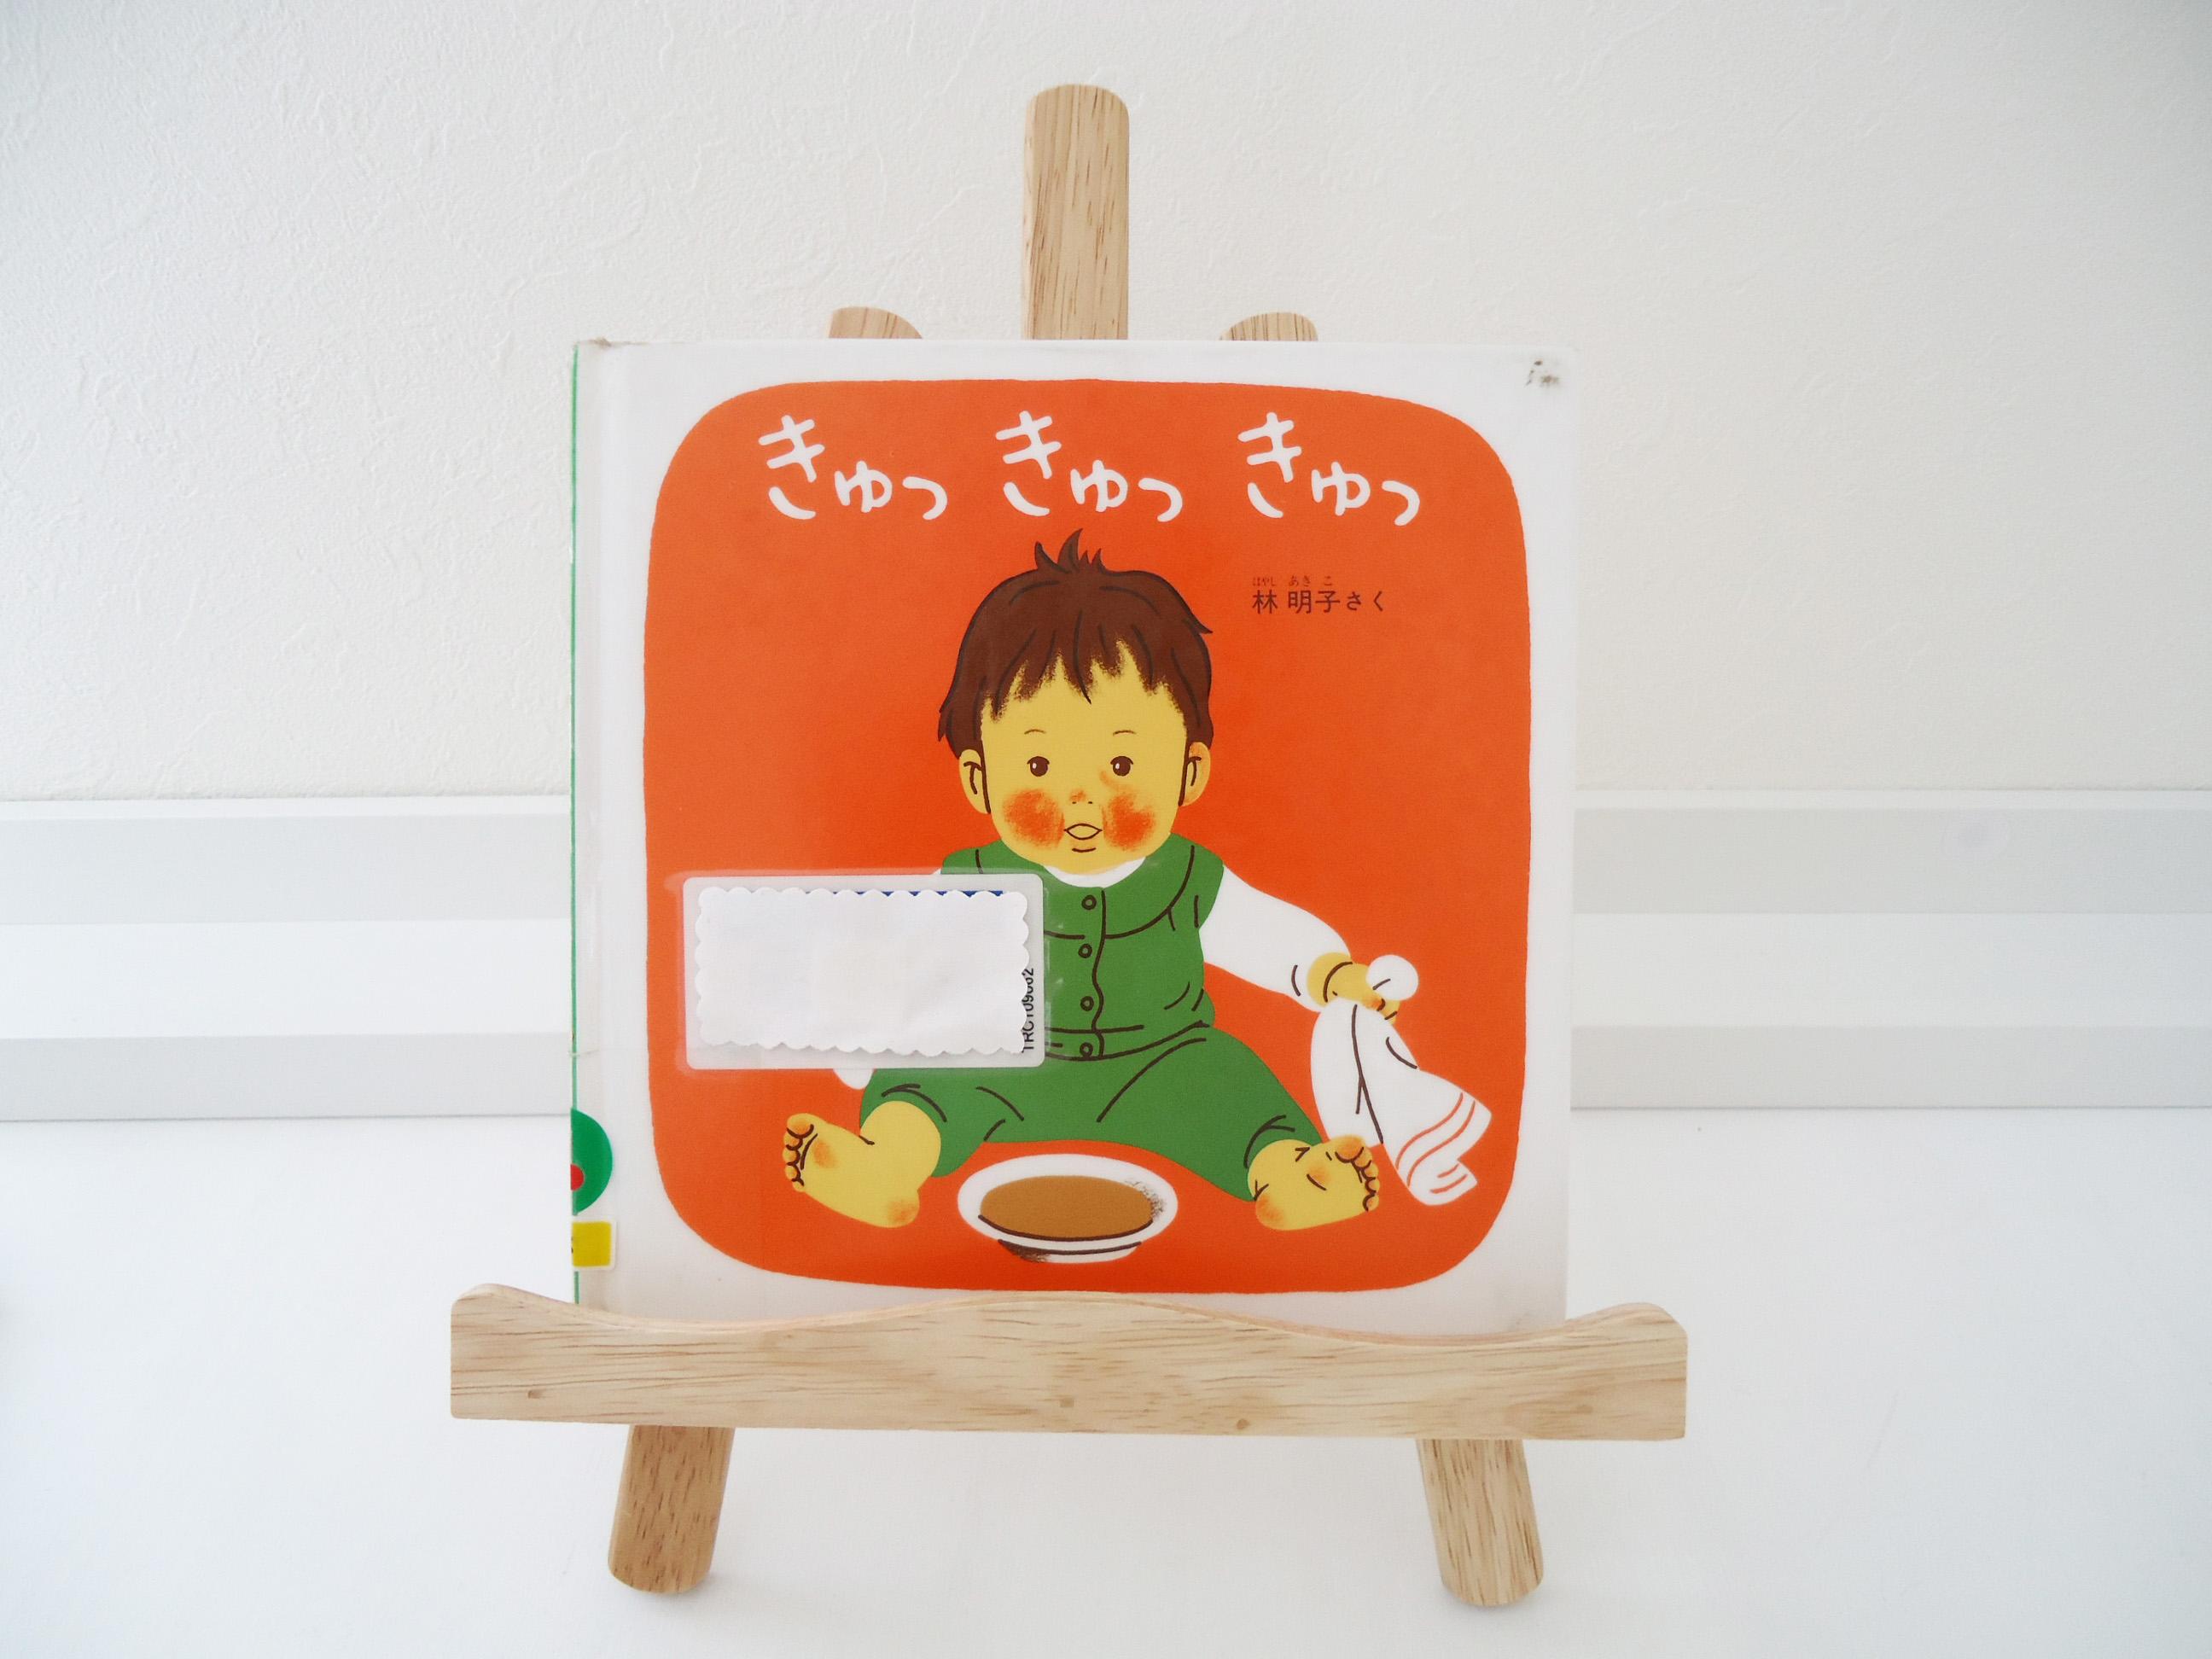 [絵本]『きゅっきゅっきゅっ』赤ちゃんとの肌の触れ合いが楽しい絵本